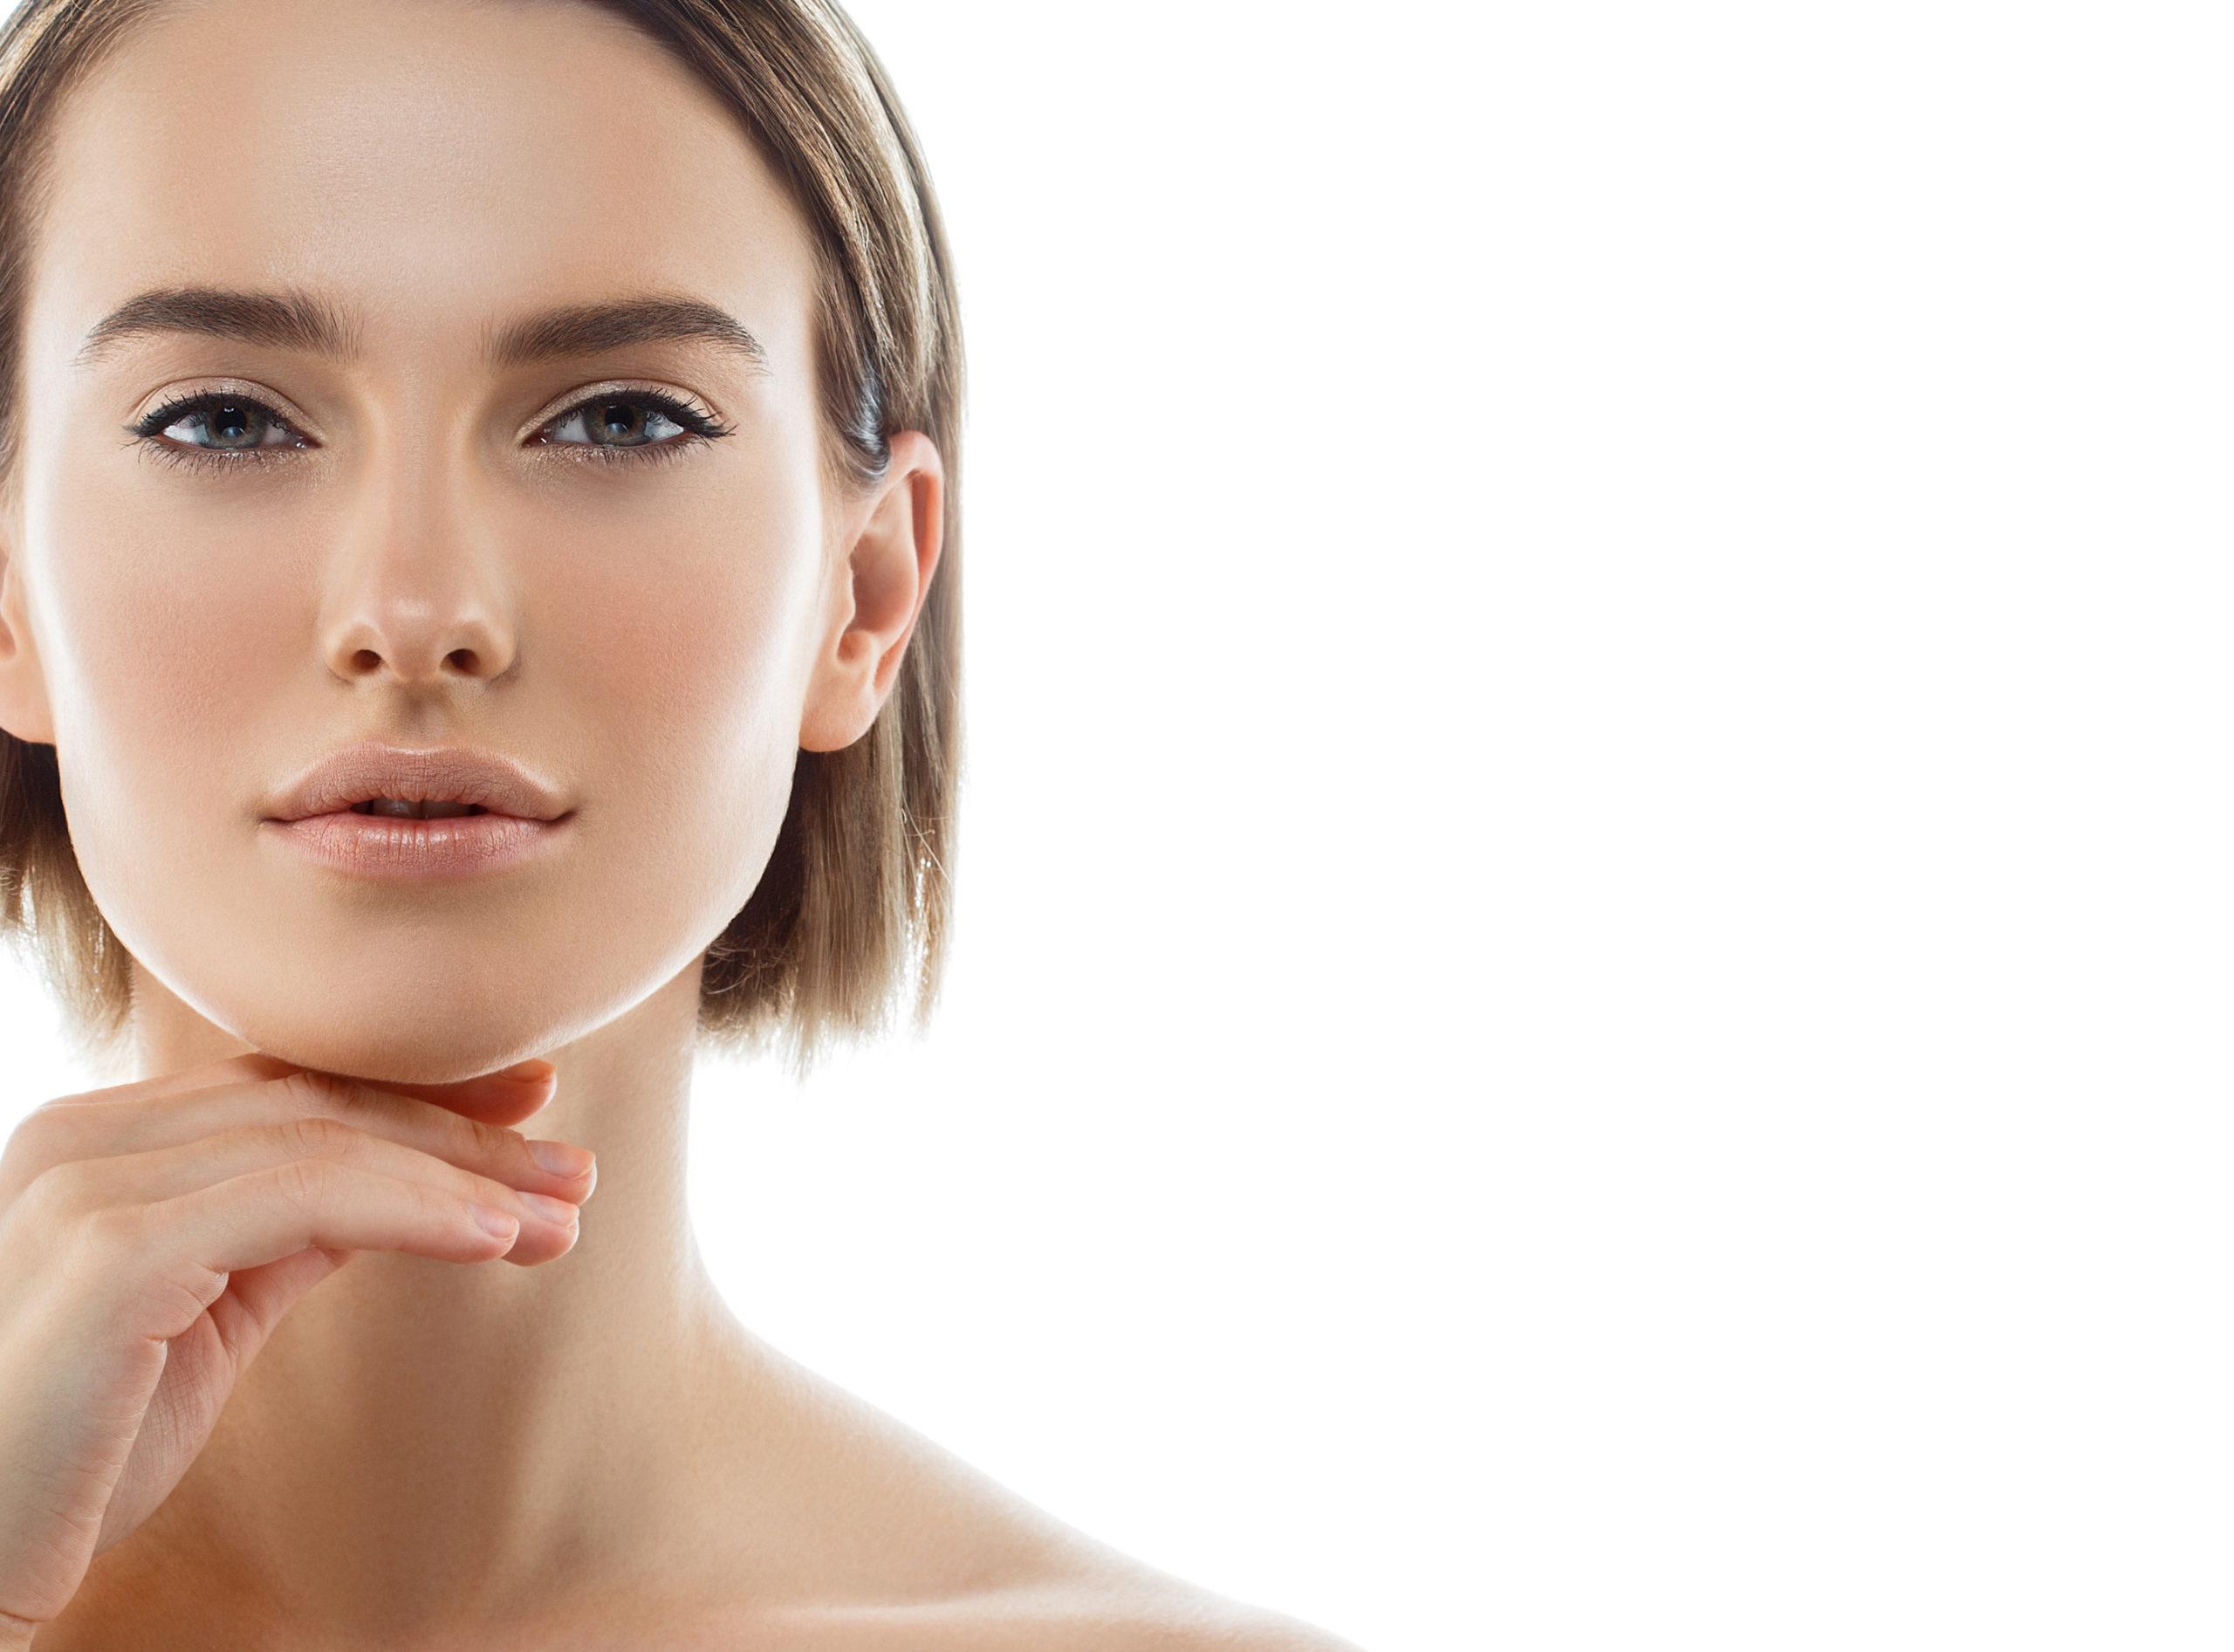 Los 5 mejores productos para cuidar la cara